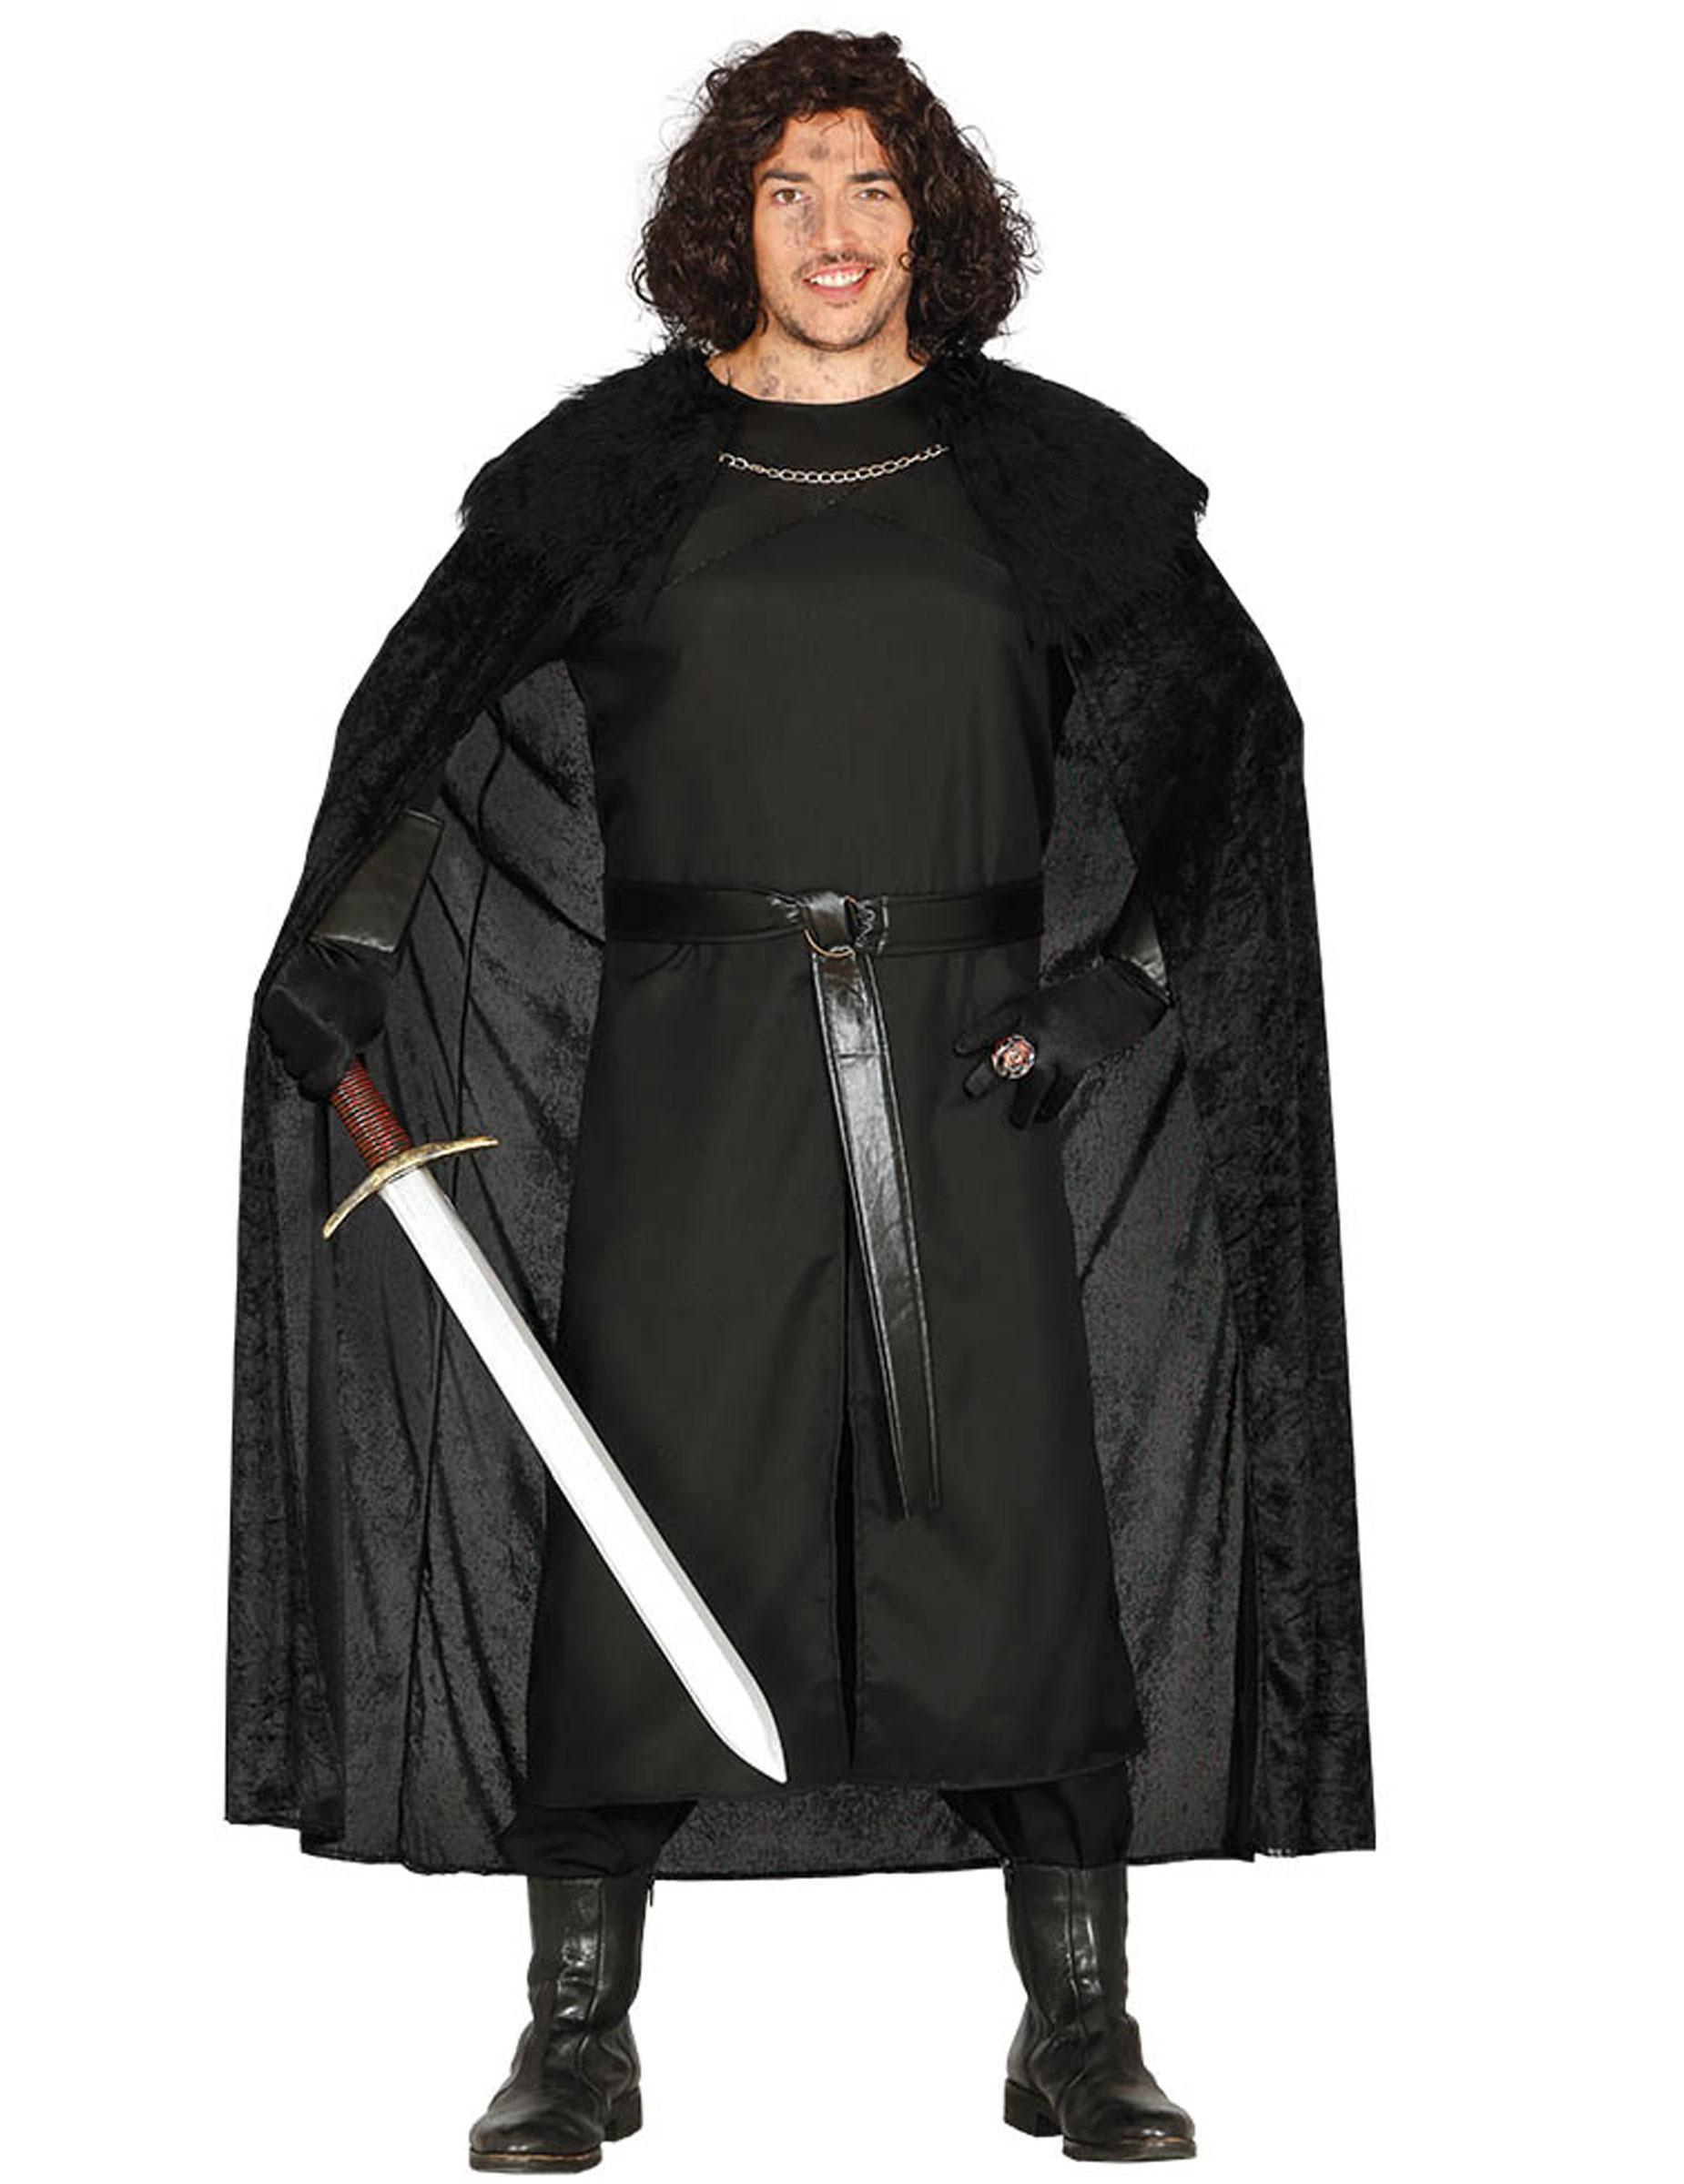 Dunkler Ritter Kostüm für Herren - XL (54-56) 275682